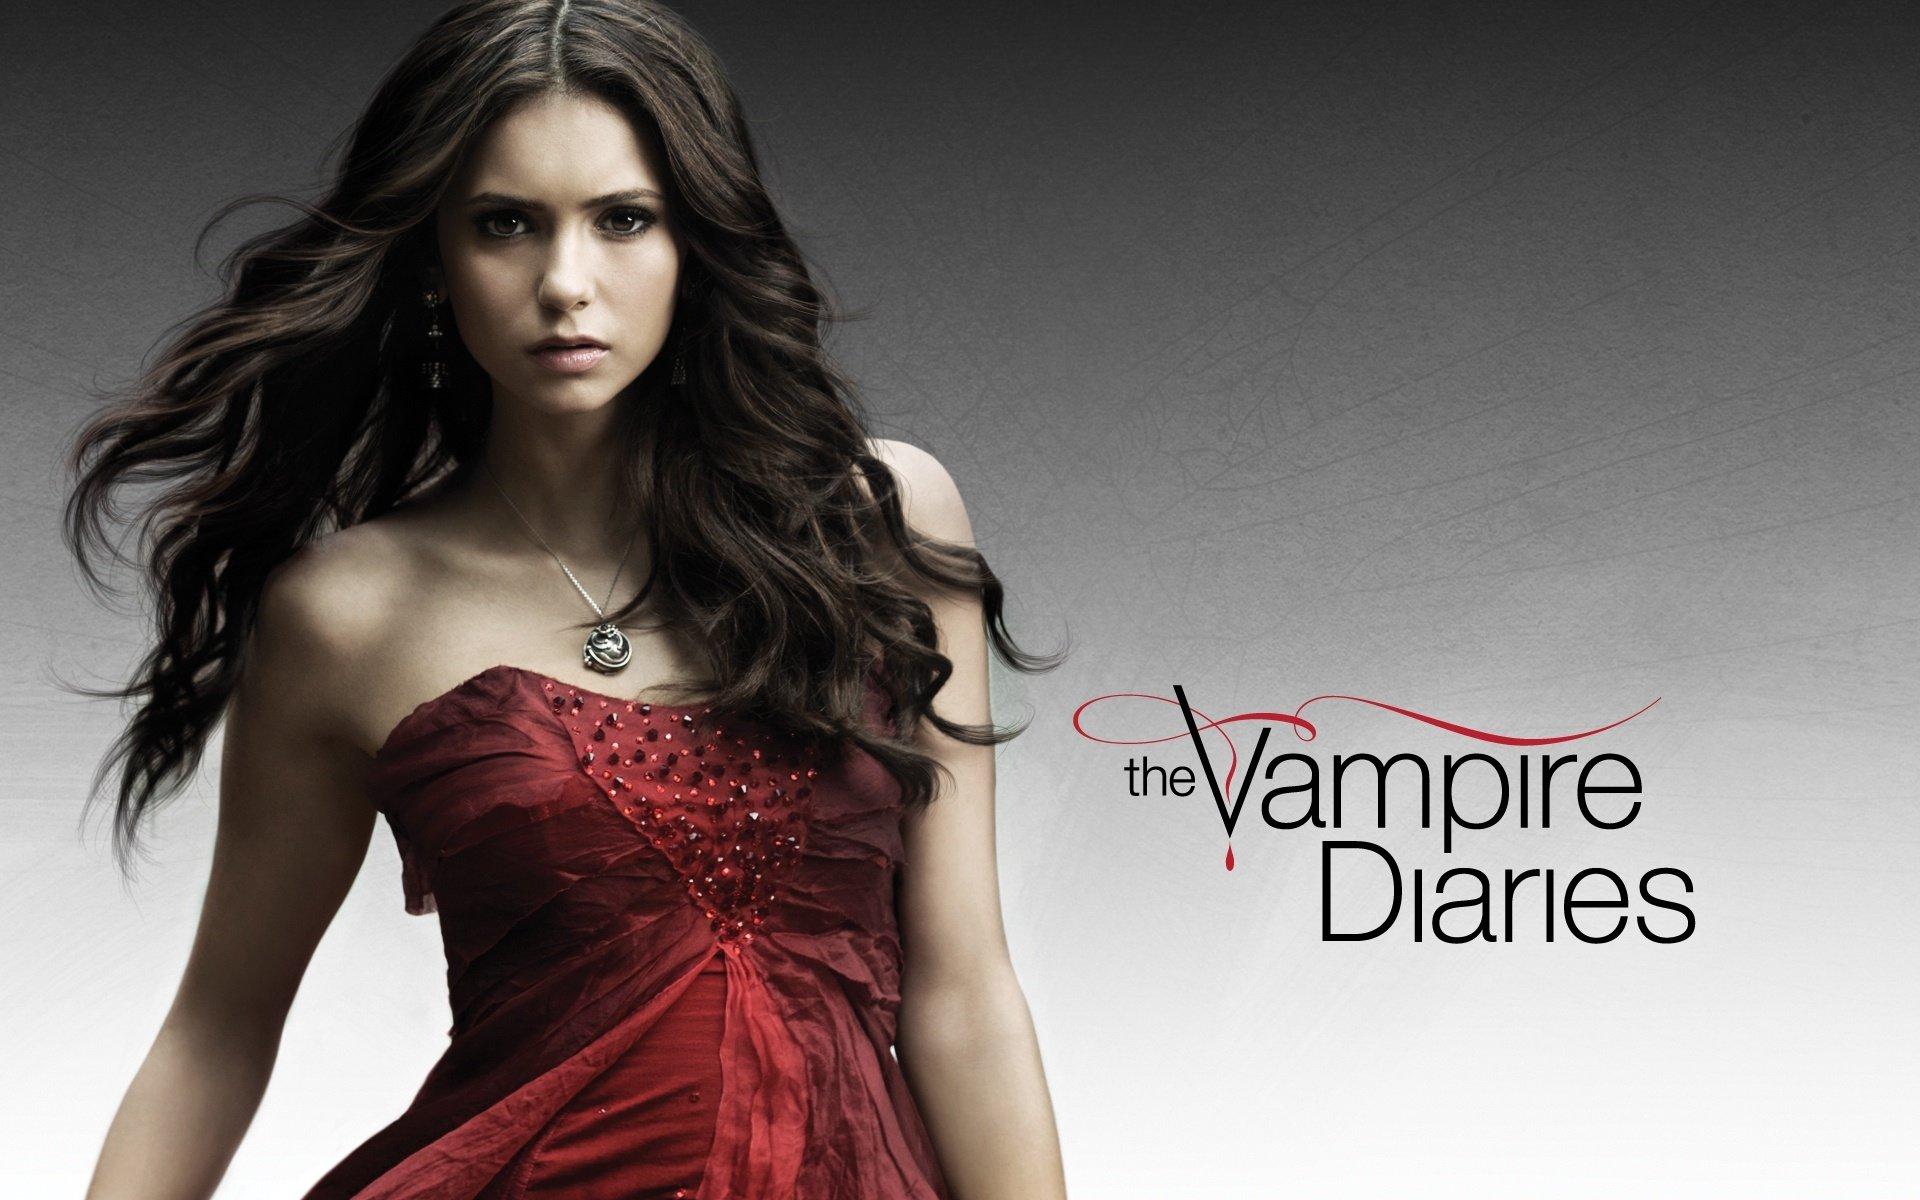 The Vampire Diaries wallpapers 1920x1200 desktop backgrounds